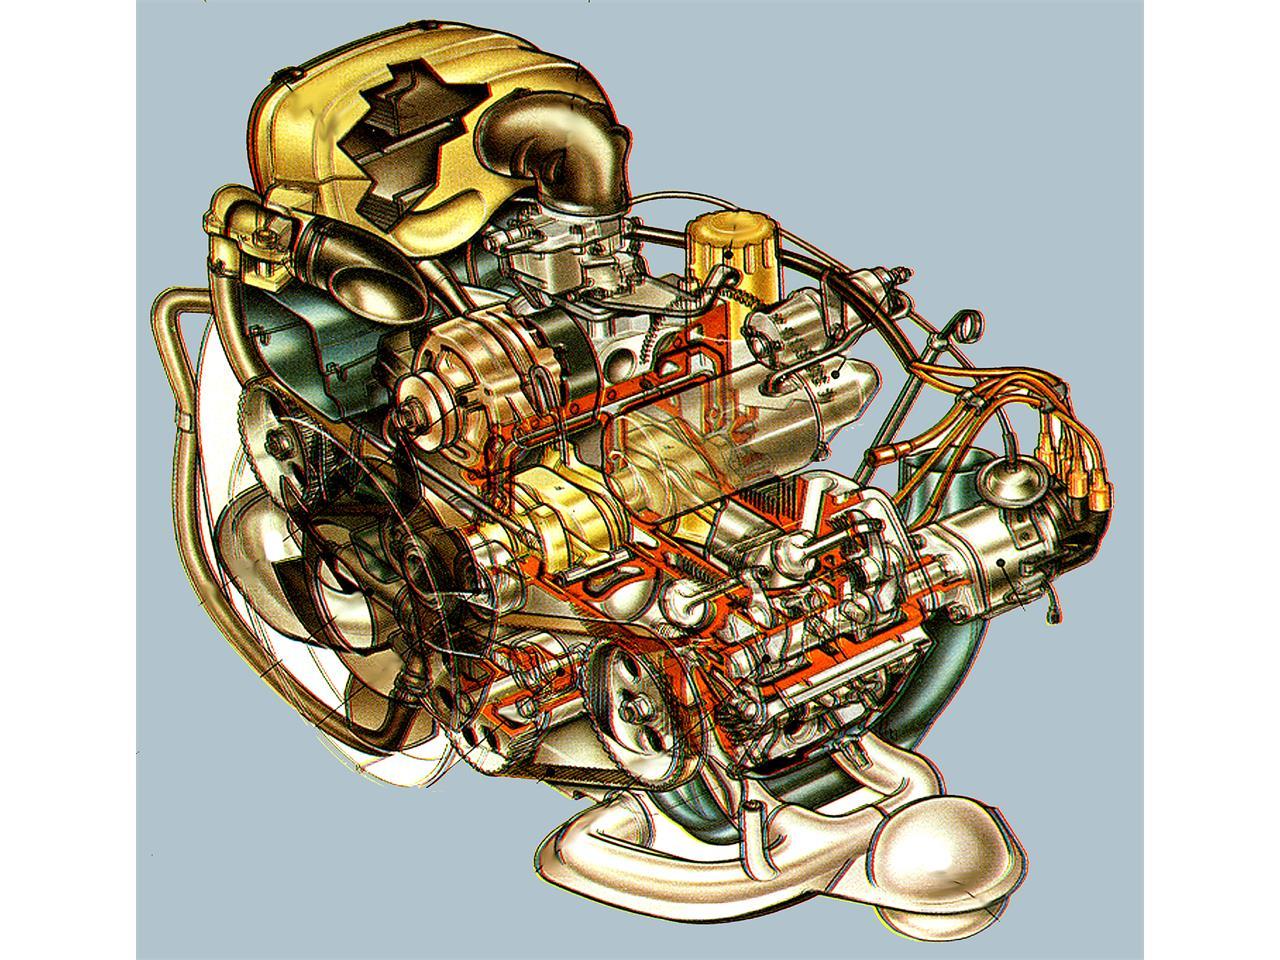 1983 Harley-Davidson Trihawk (CC-1036176) for sale in San Diego, California